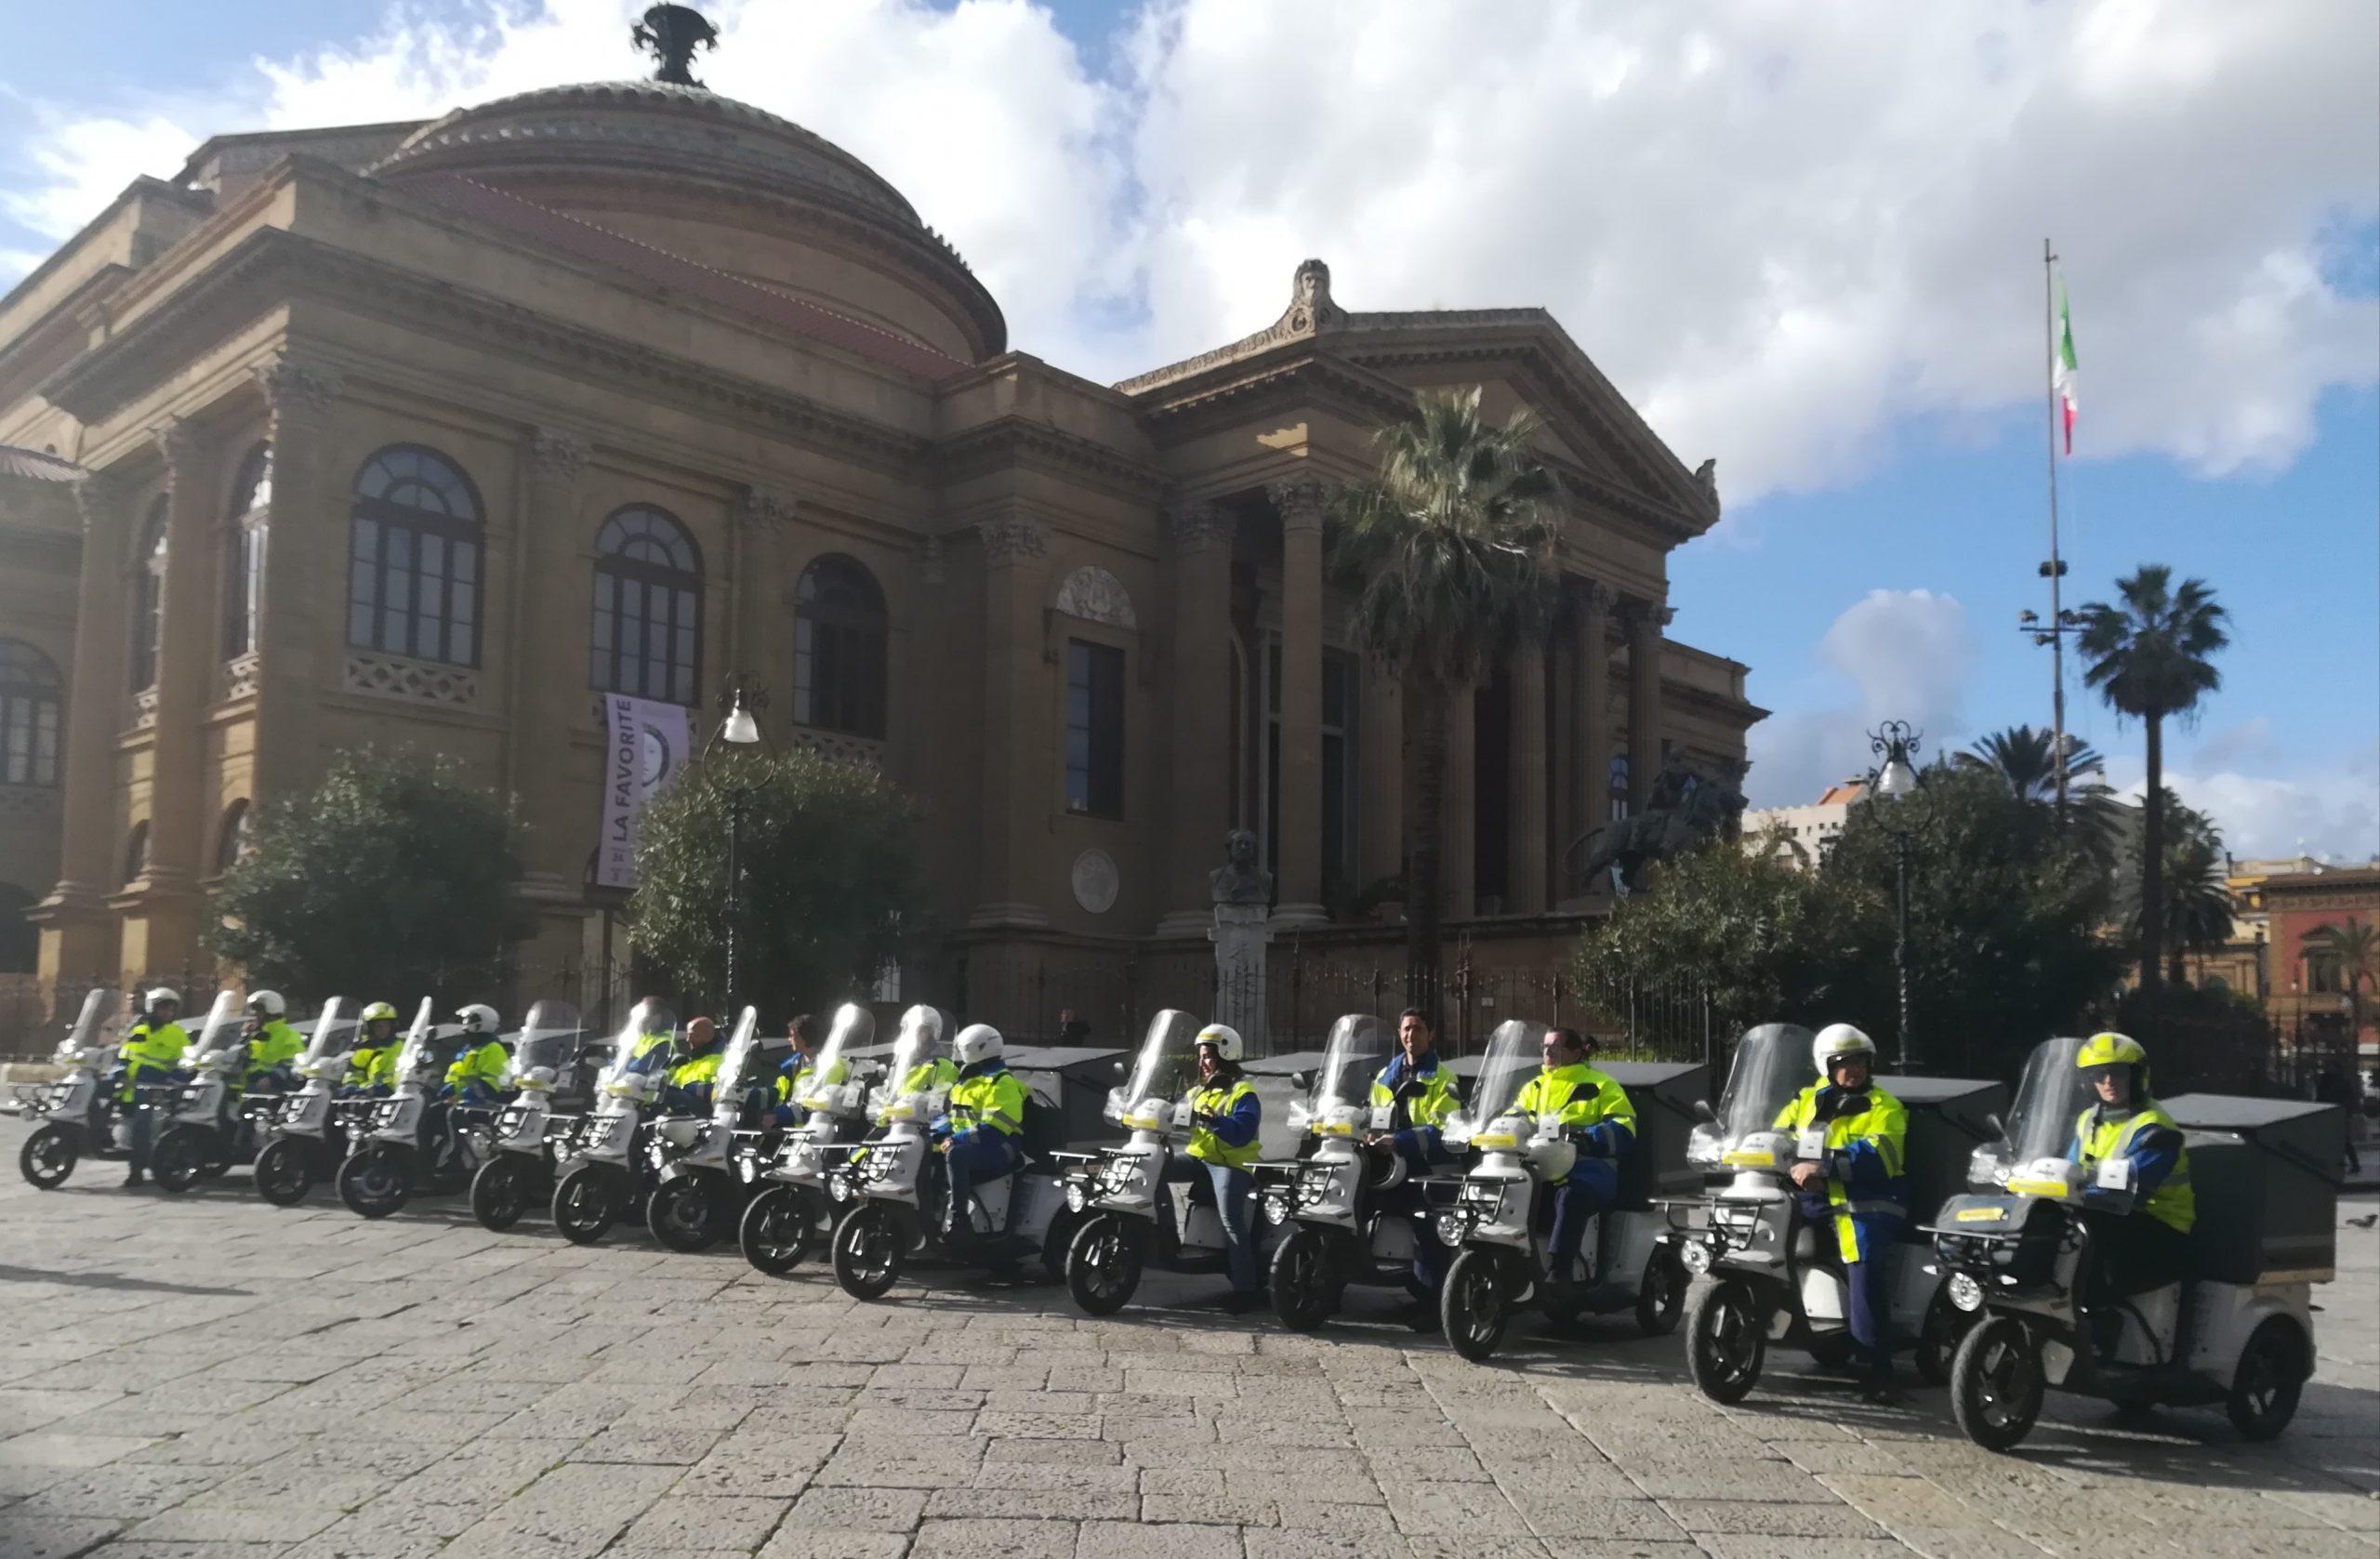 Poste presenta a Palermo nuovi 15 motocicli elettrici